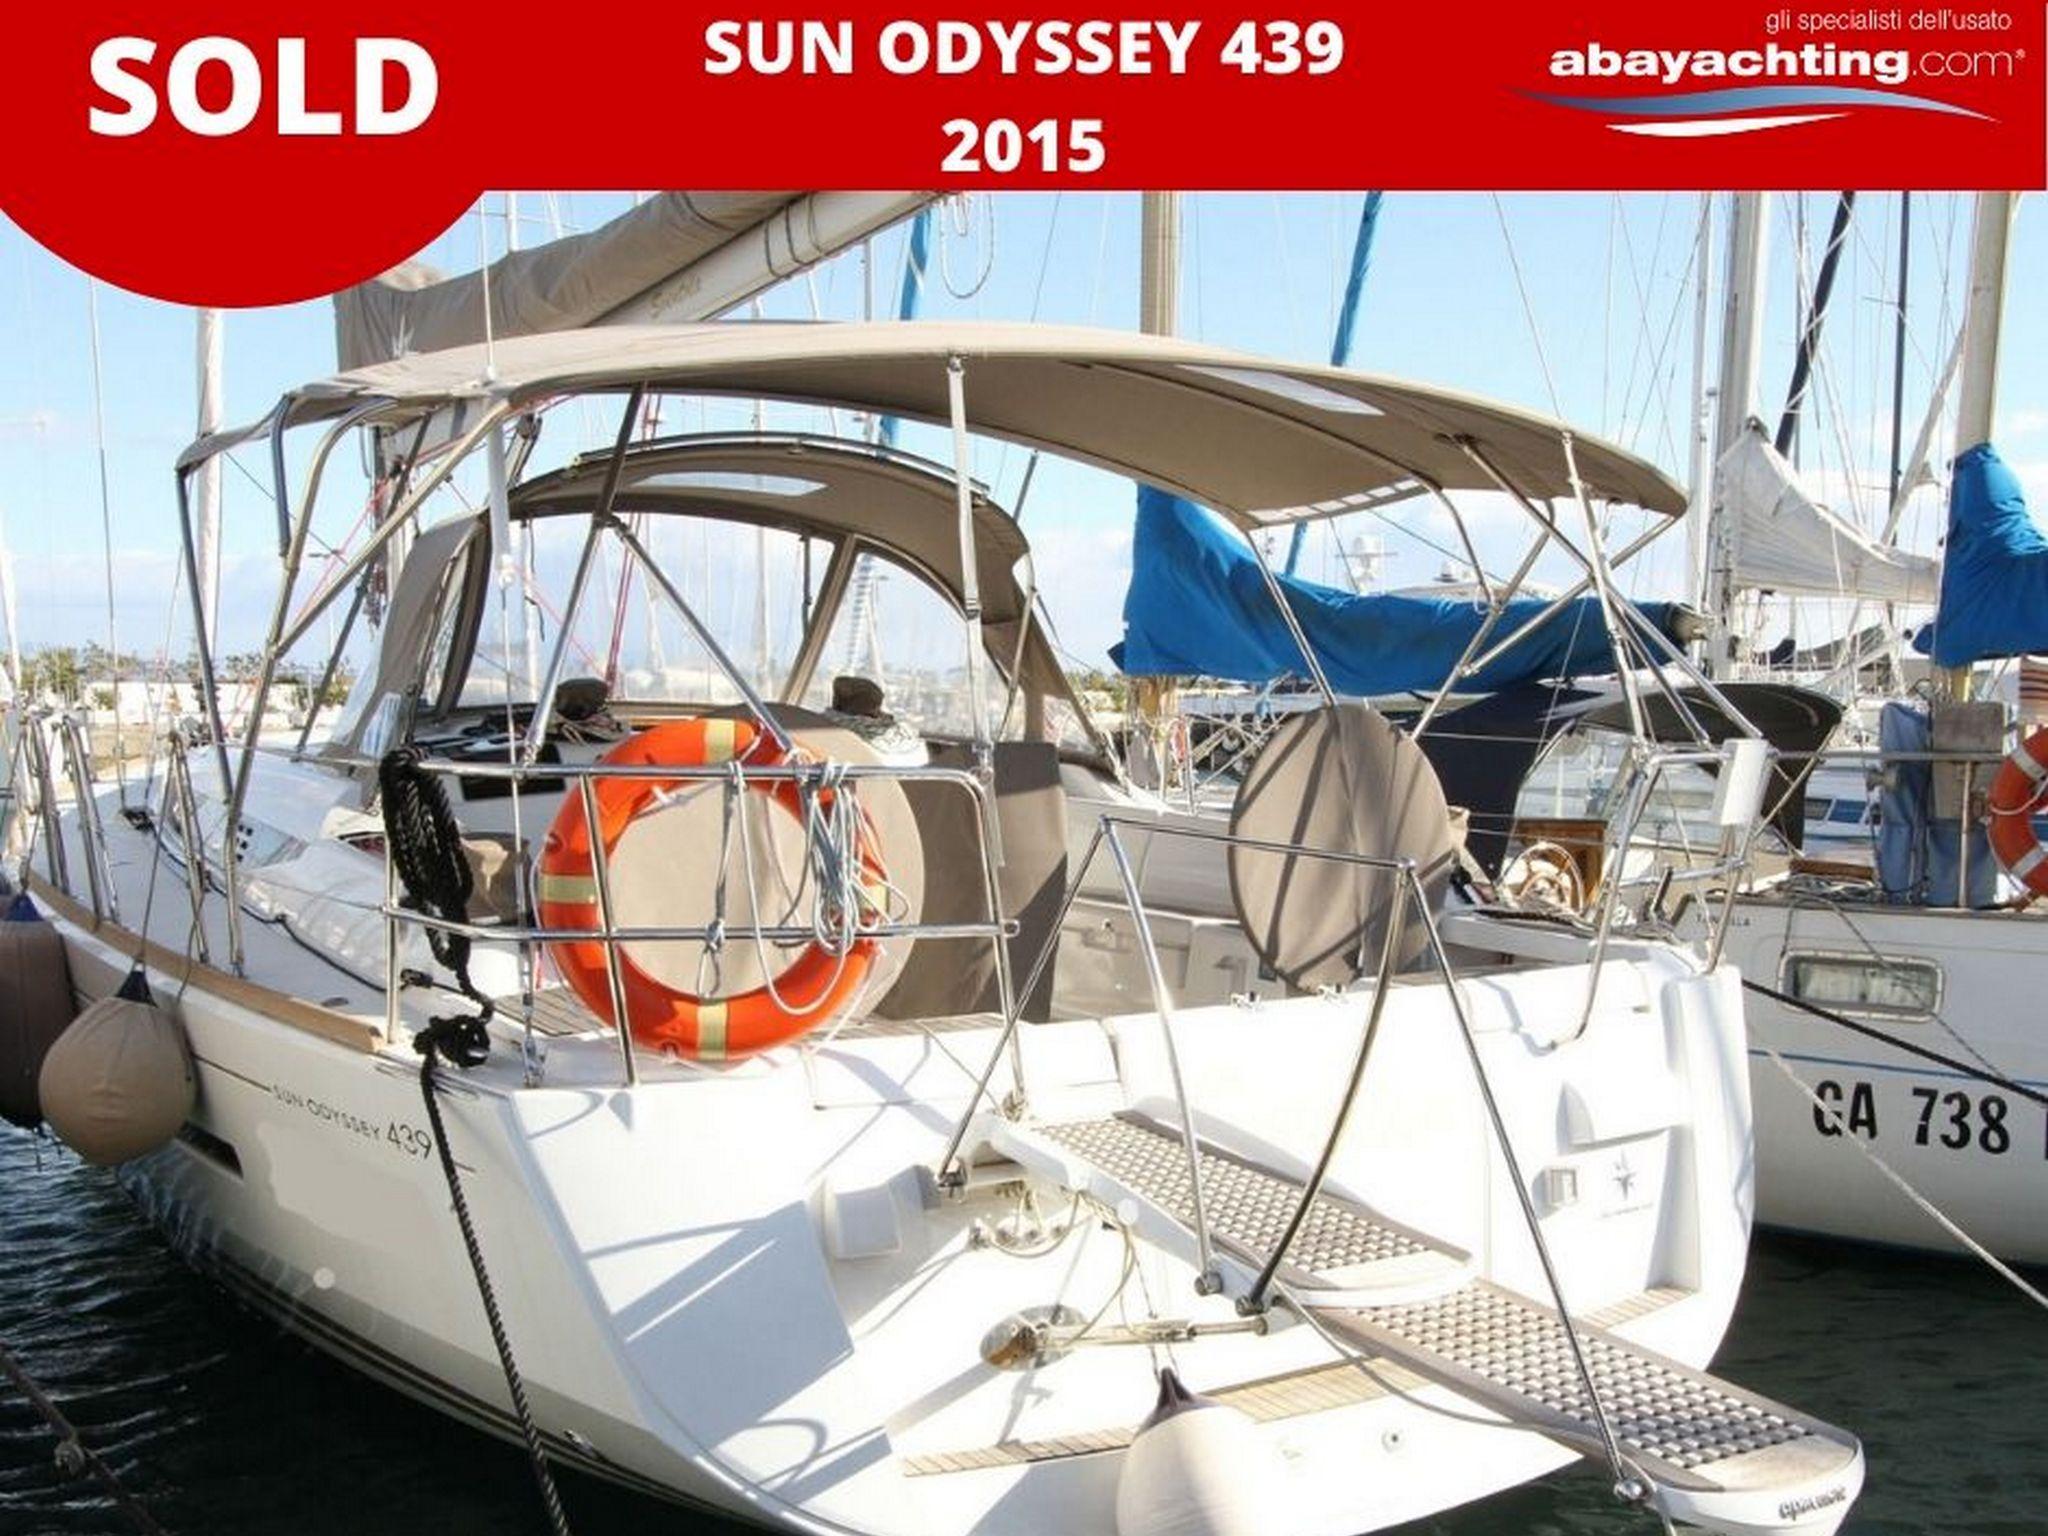 Jeanneau Sun Odyssey 439 vendu